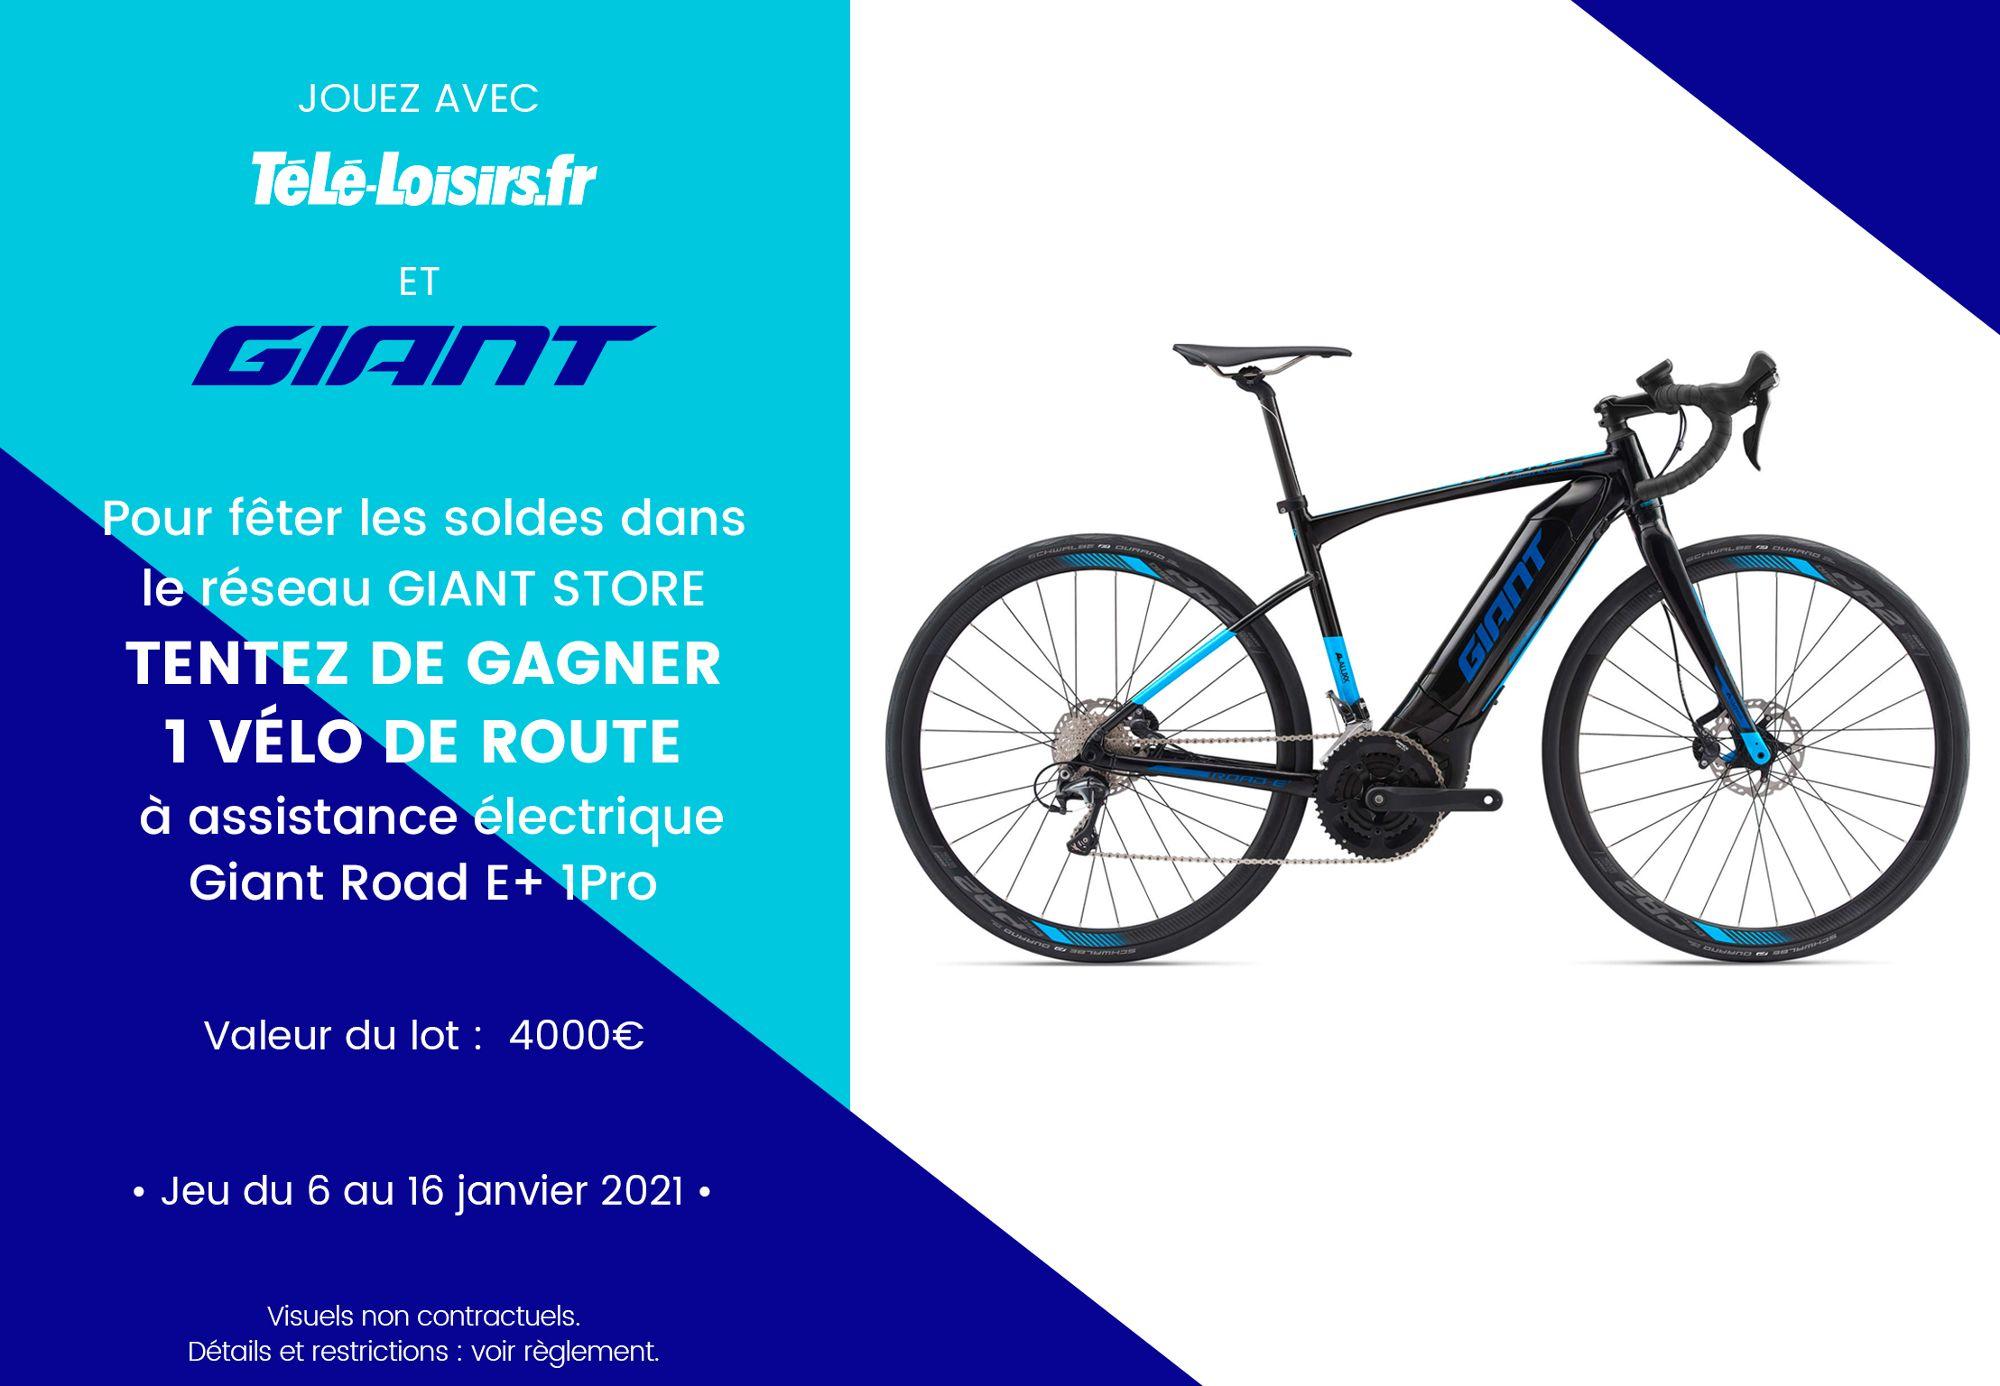 Code promo Télé Loisirs : Un vélo de route Giant à gagner